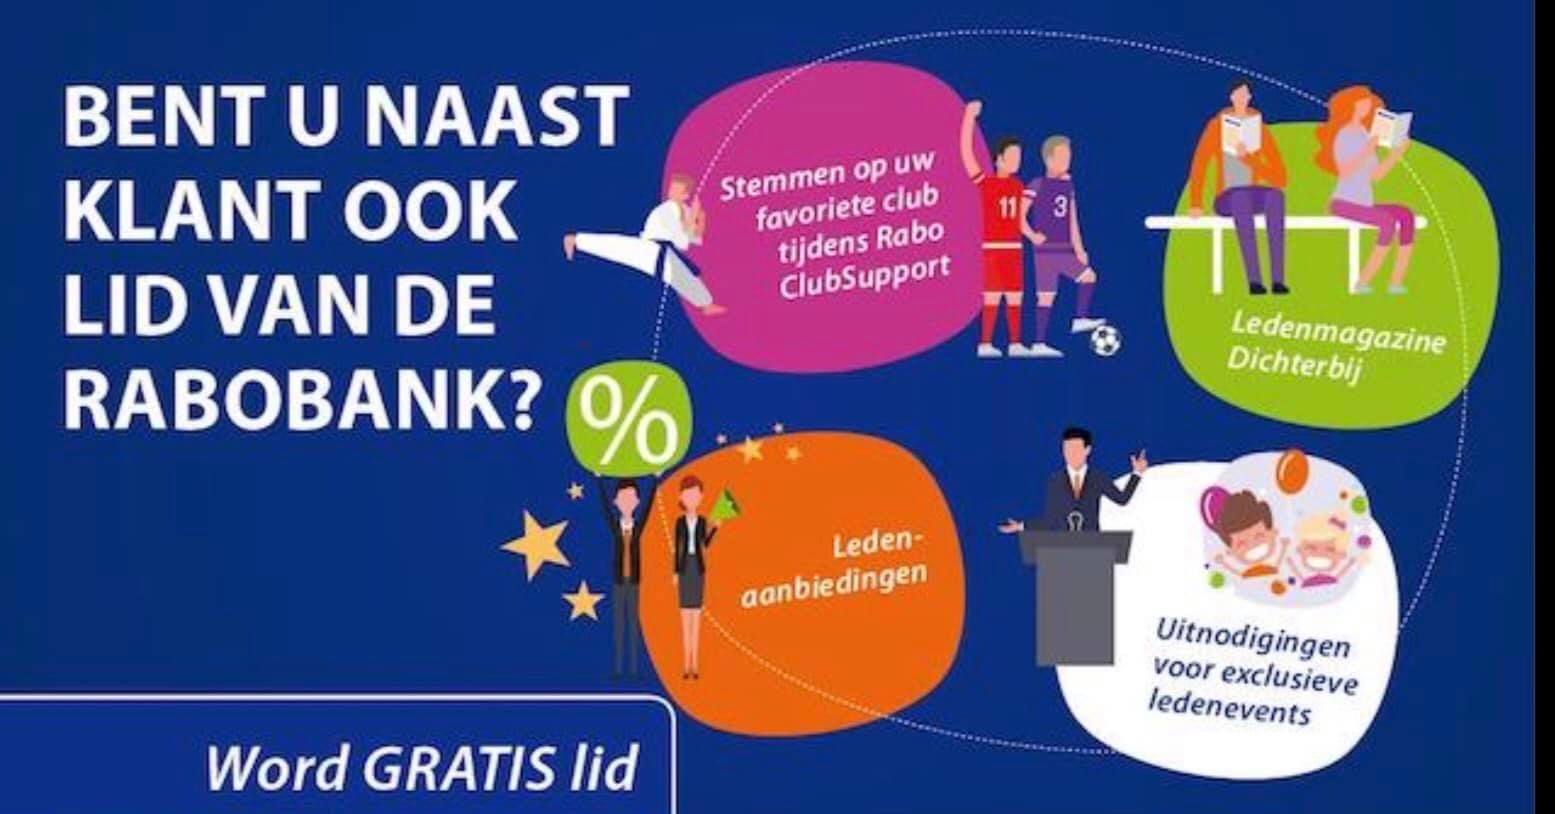 OPROEP word gratis lid van de Rabobank